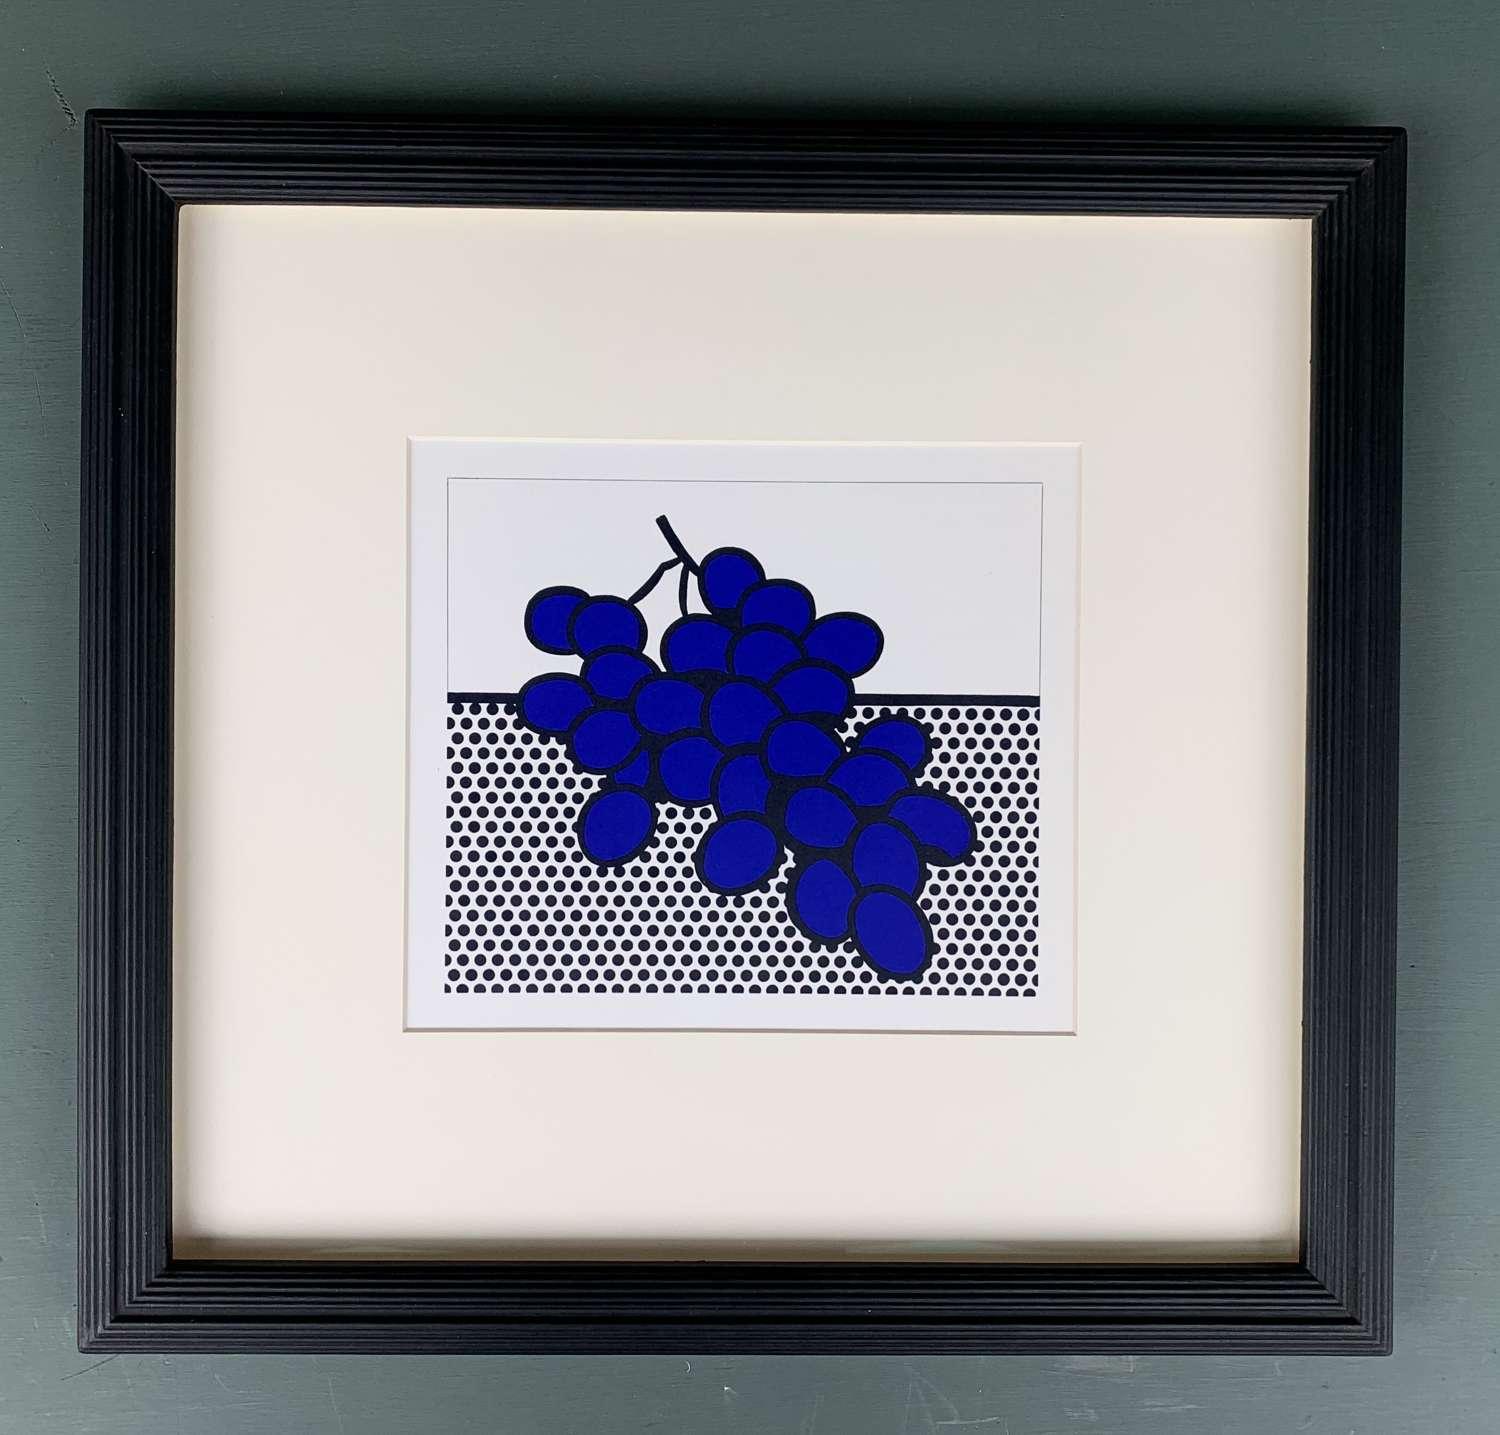 Roy Lichtenstein - Grapes (Lithograph 1973)